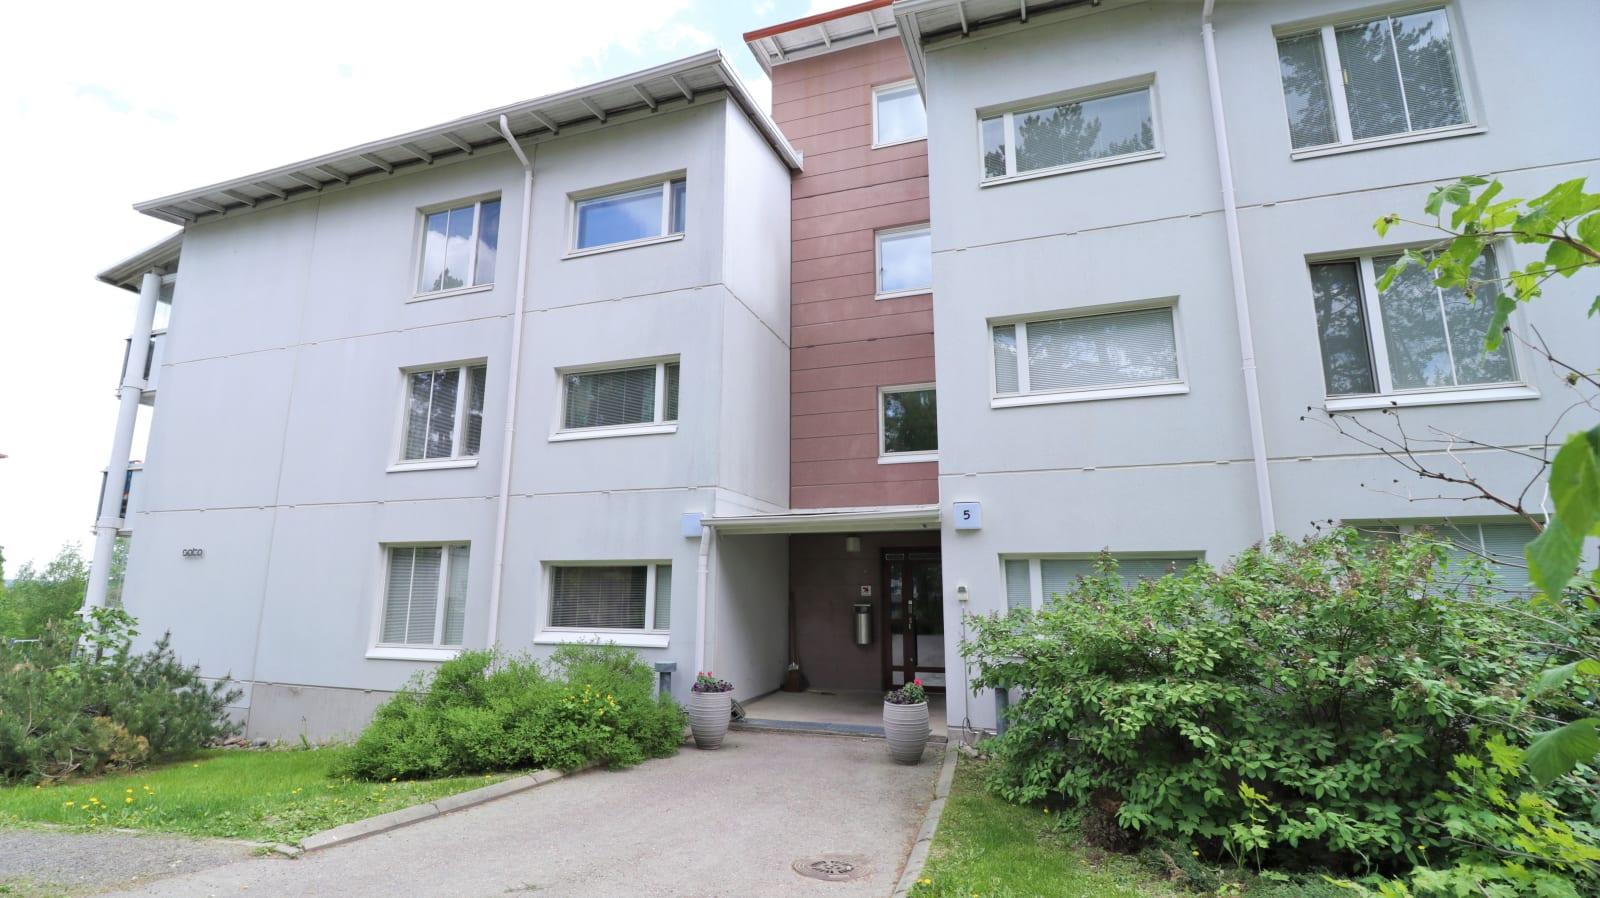 Turku, Kaerla, Kairialankatu 5